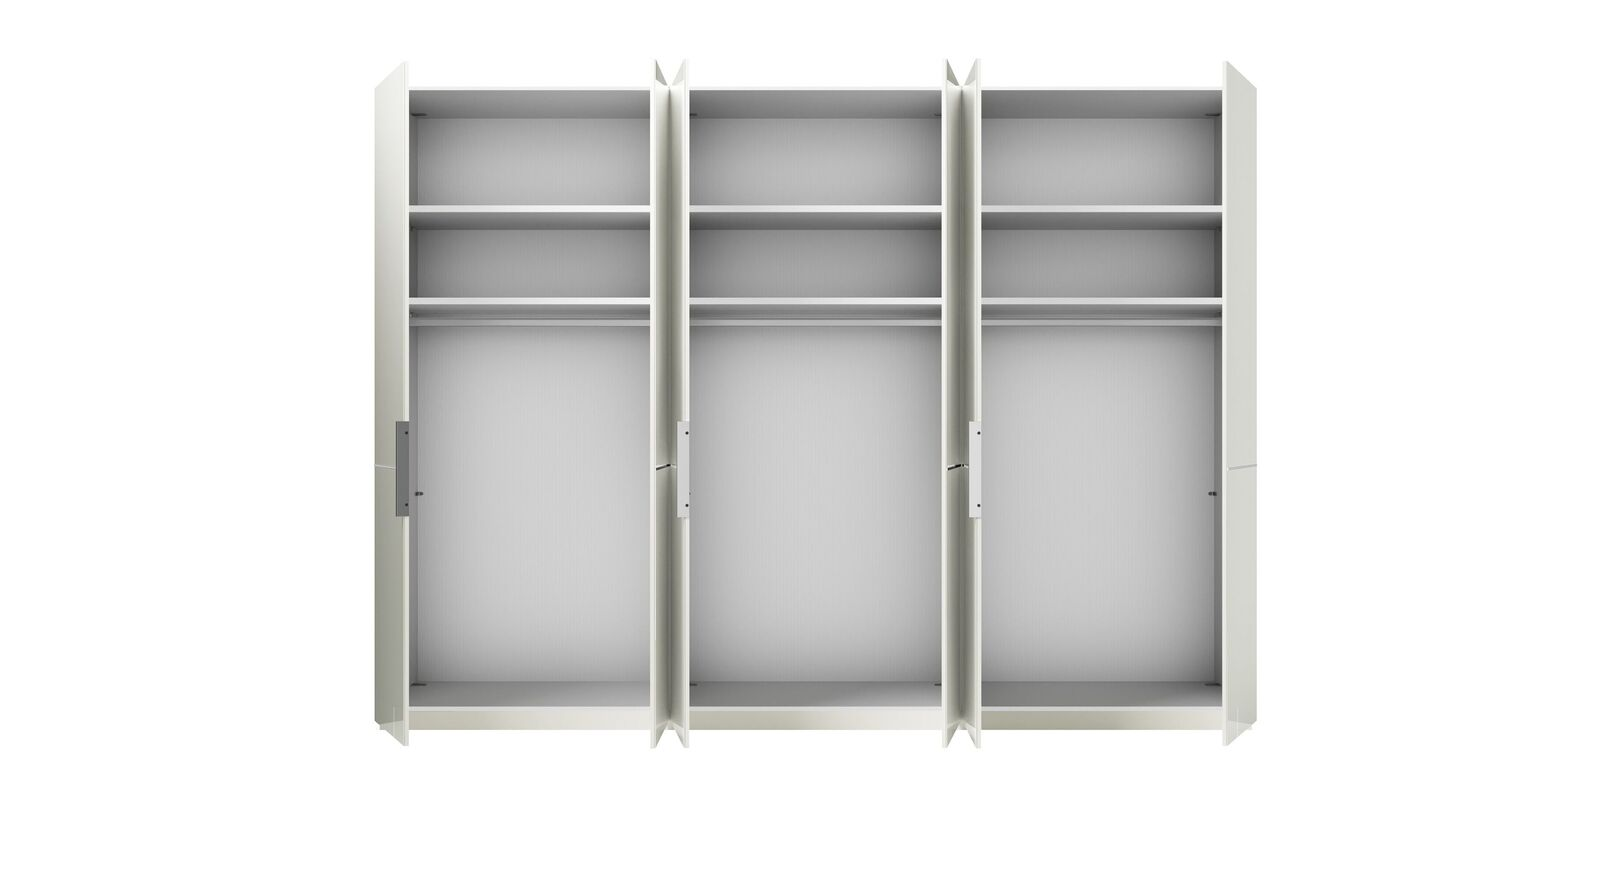 GALLERY M Drehtüren-Kleiderschrank IMOLA W in Weiß mit Basic-Innenausstattung